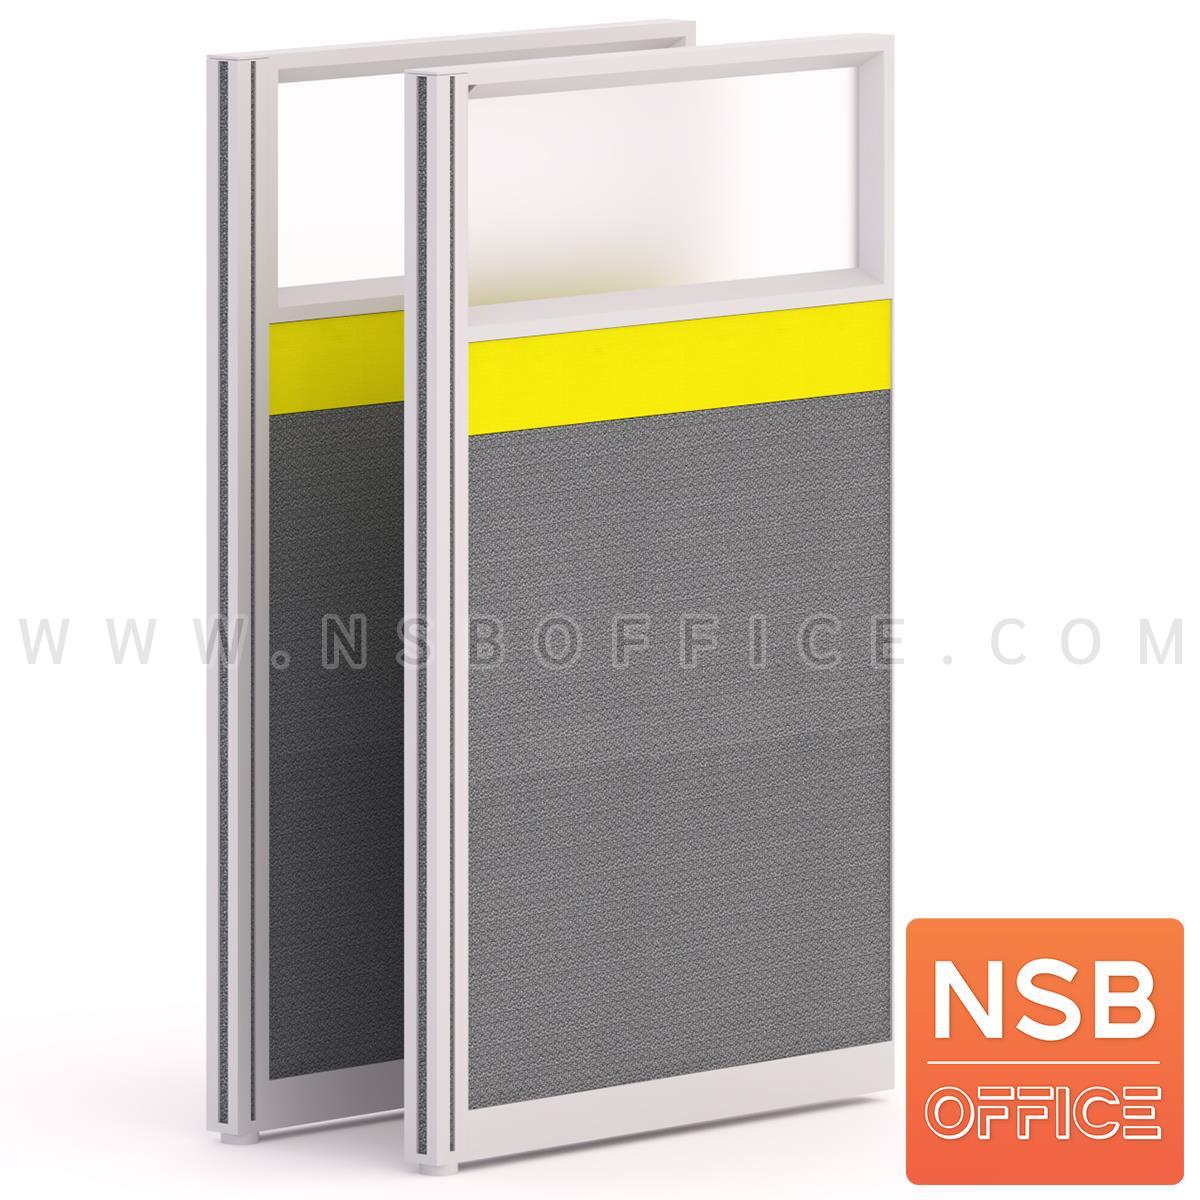 P01A066:พาร์ทิชั่น NSB ครึ่งทึบครึ่งกระจกฝ้าสี Two Tone พร้อมเสาเริ่ม  สูง 120 cm.